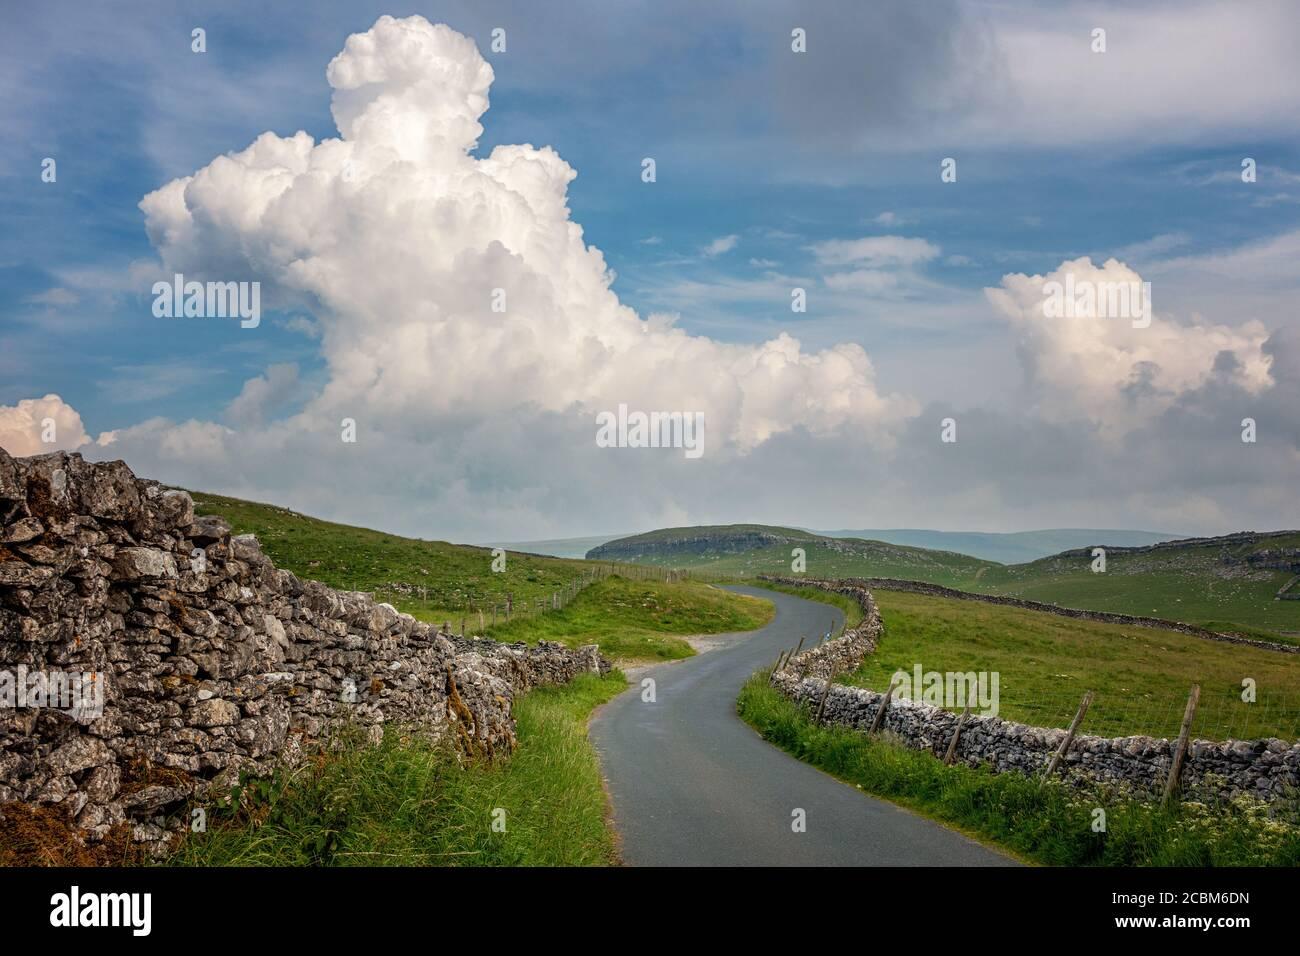 Paesaggi del Regno Unito: Vicolo di campagna in uno splendido scenario nello Yorkshire Dales National Park, dirigendosi sopra Malham Moor con un edificio di tuonnuvole Foto Stock